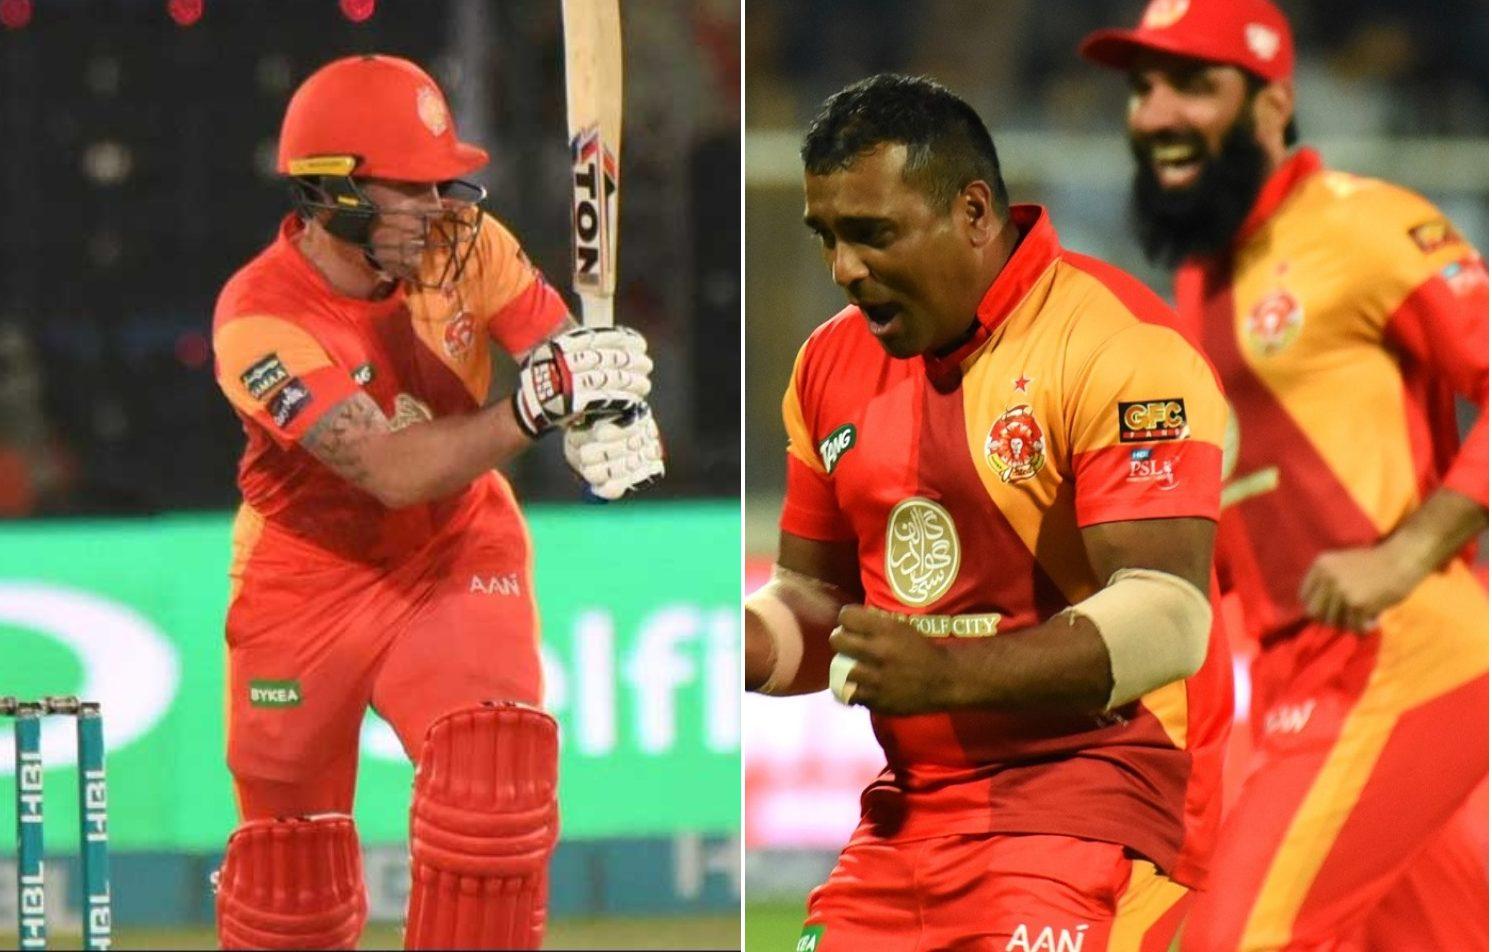 ये हैं वो 5 बड़े खिलाड़ी जिन्होंने पाकिस्तान सुपर लीग में मचाया धमाल, लेकिन आईपीएल में नहीं मिला कोई भी खरीददार 6